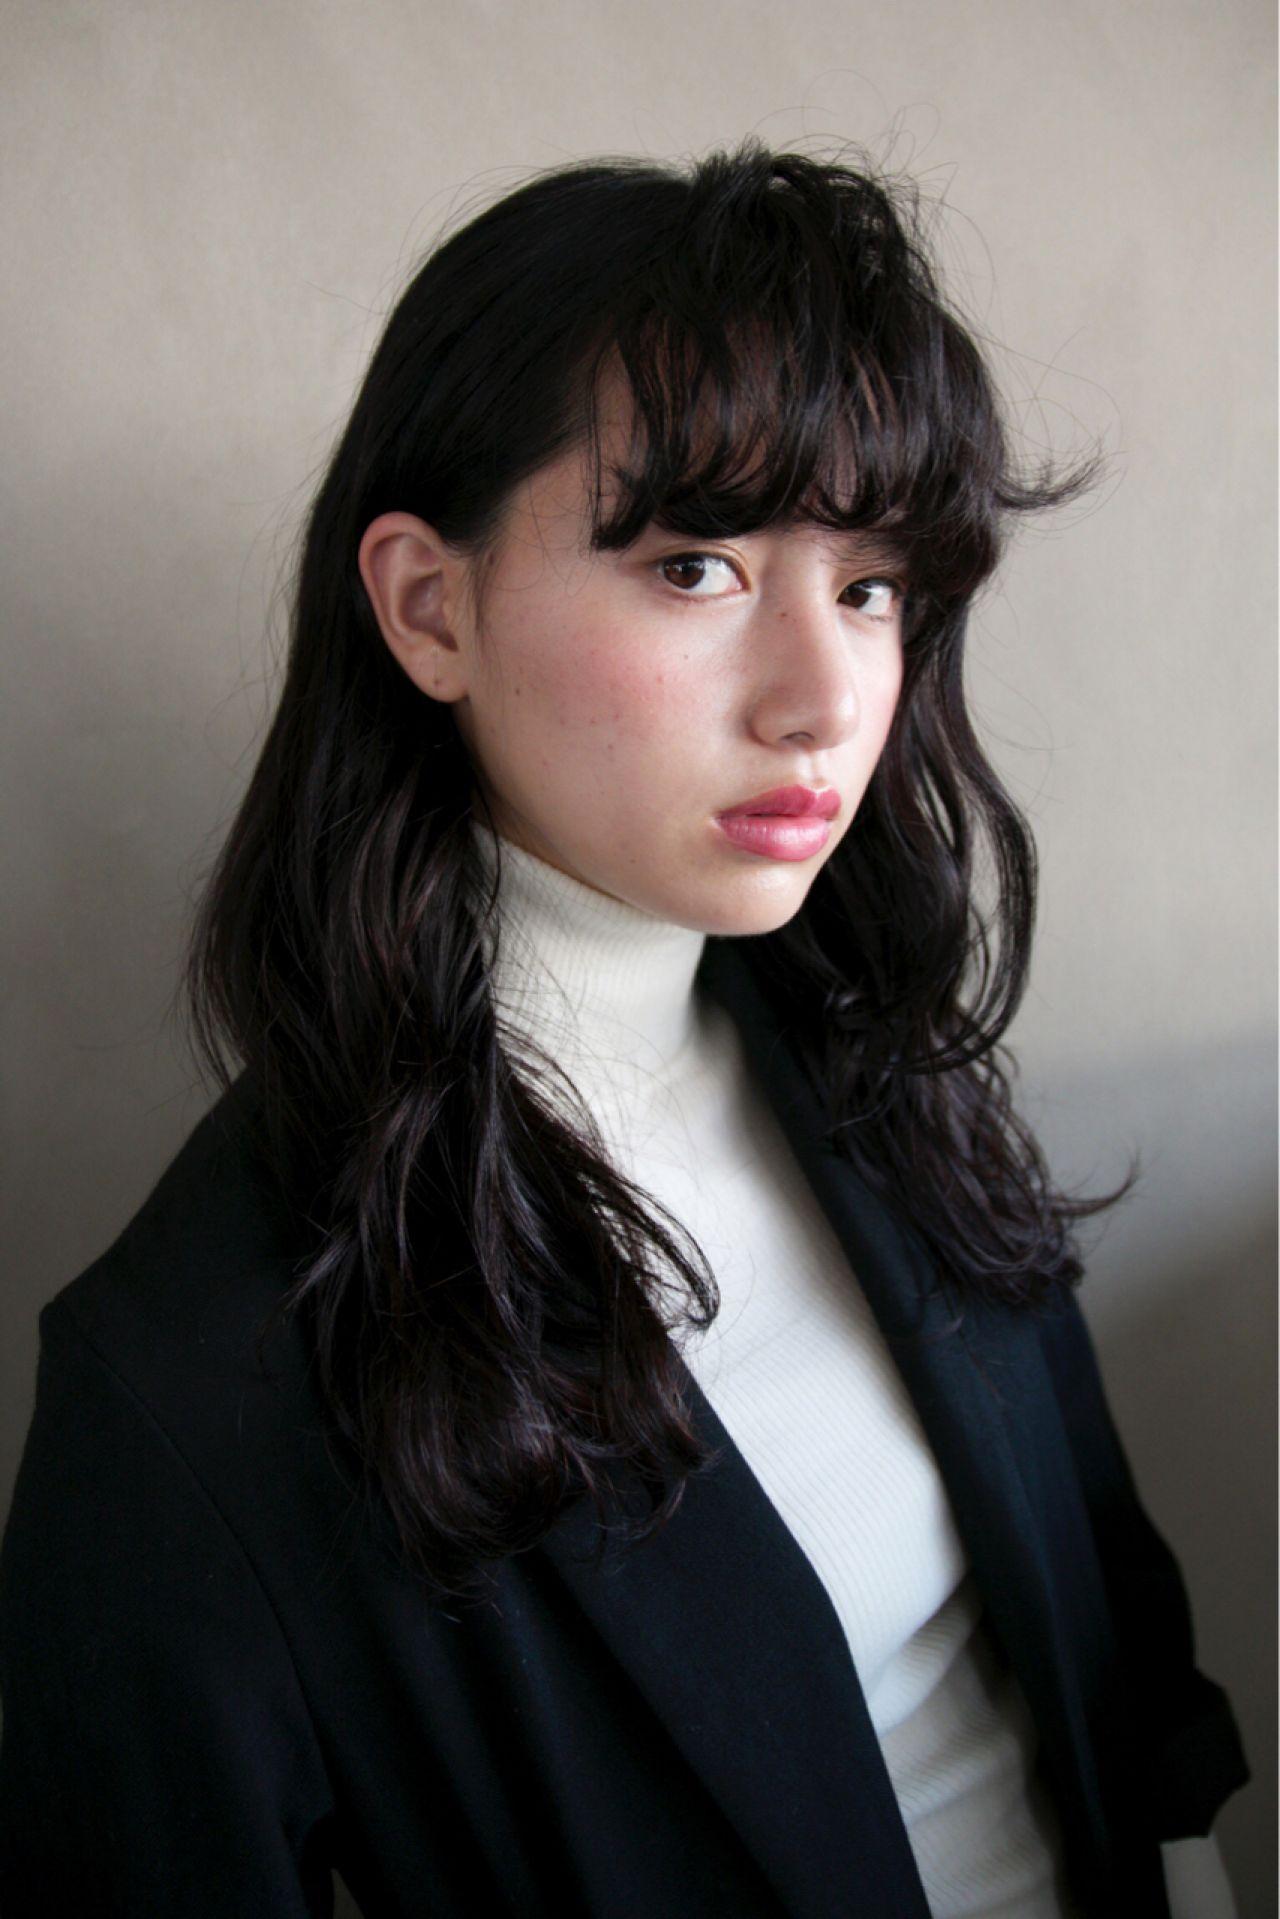 ウェーブ ストリート ロング モード ヘアスタイルや髪型の写真・画像 | 津崎 伸二 / nanuk / nanuk渋谷店(ナヌーク)